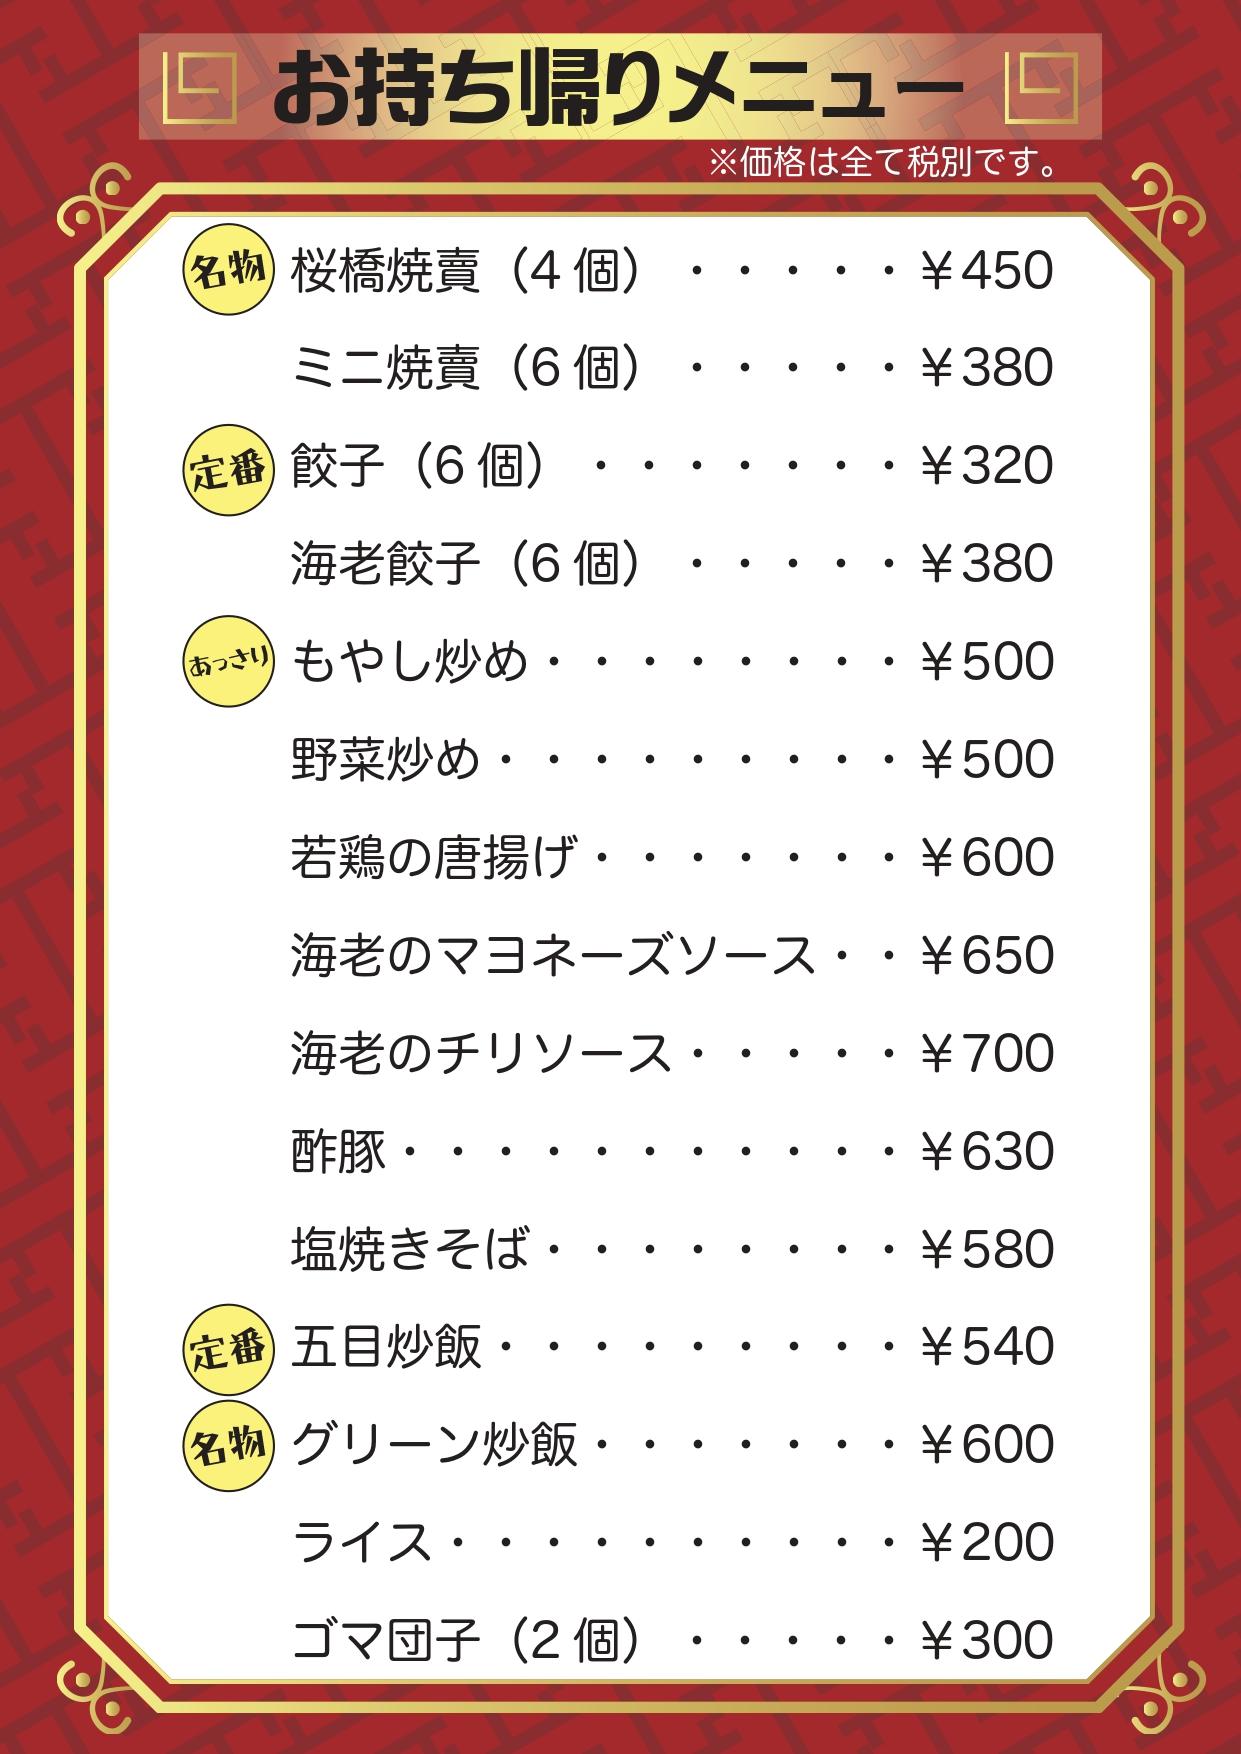 焼賣太樓桜橋店のお持ち帰りメニュー